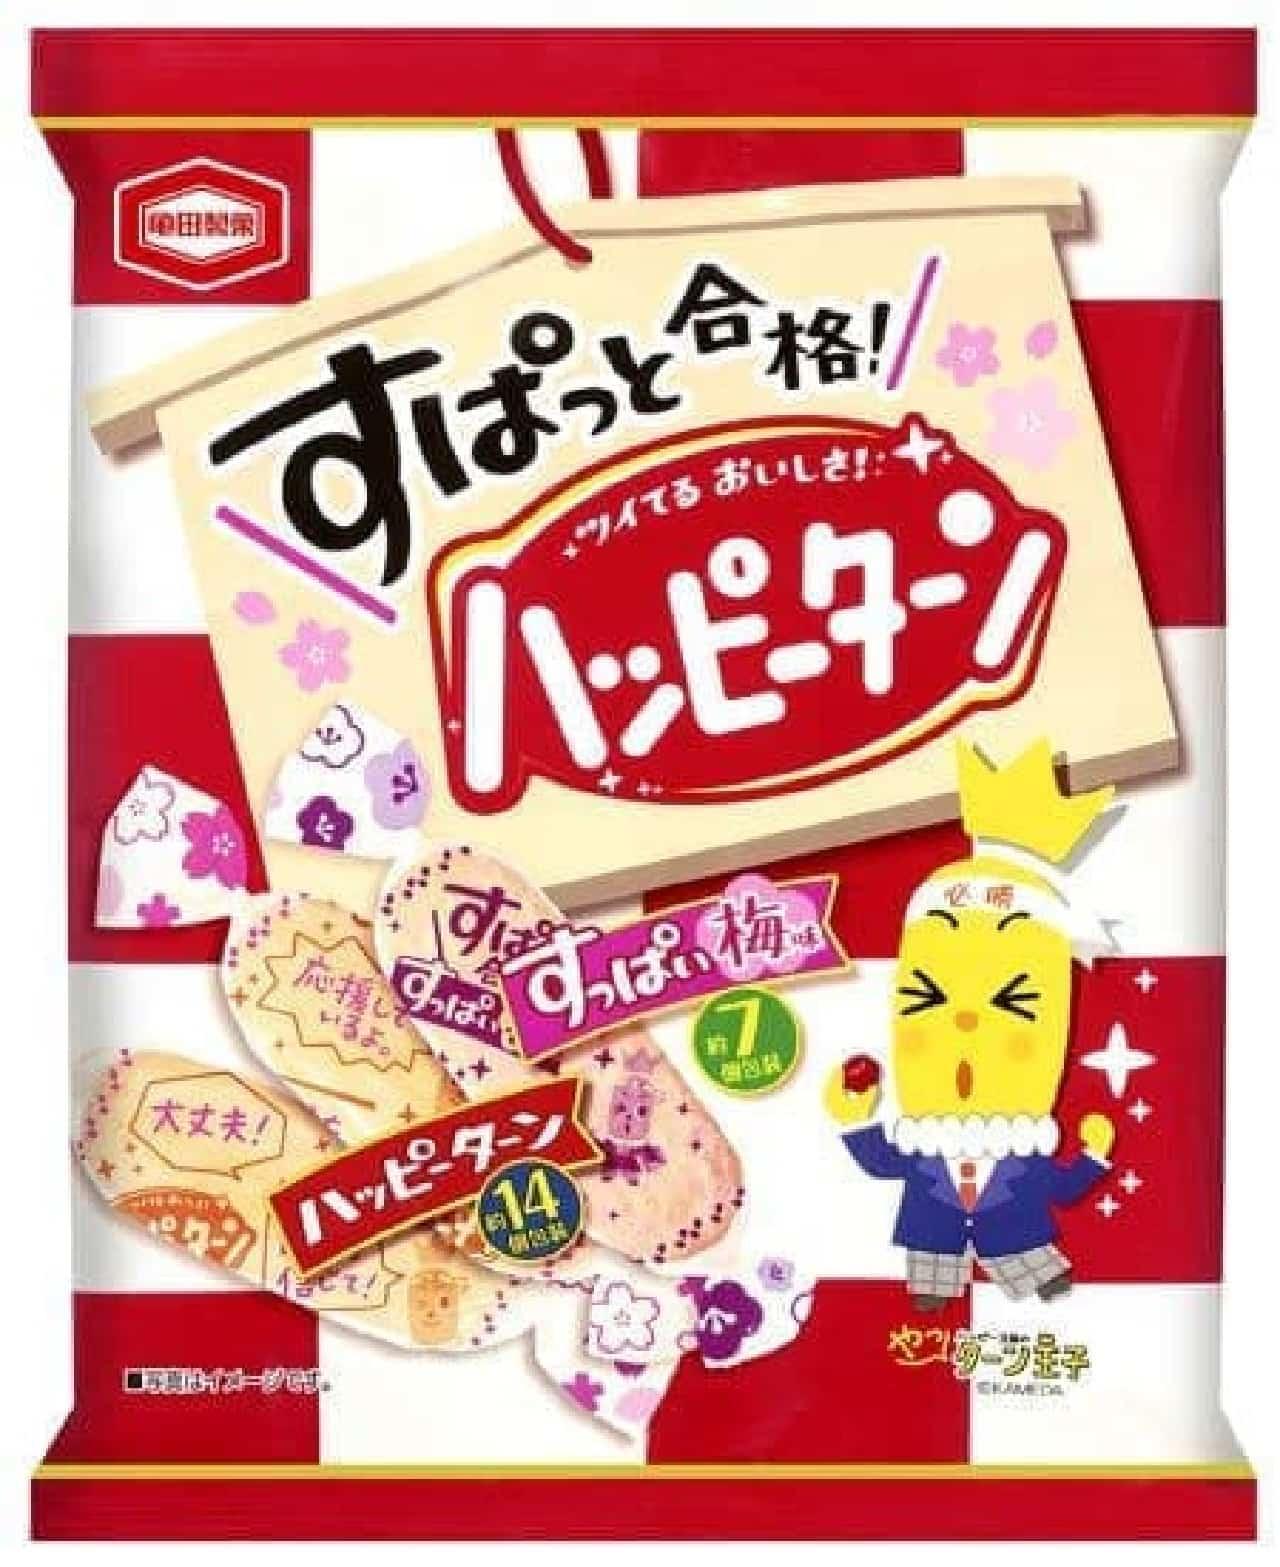 亀田製菓「すぱっと合格!ハッピーターン」